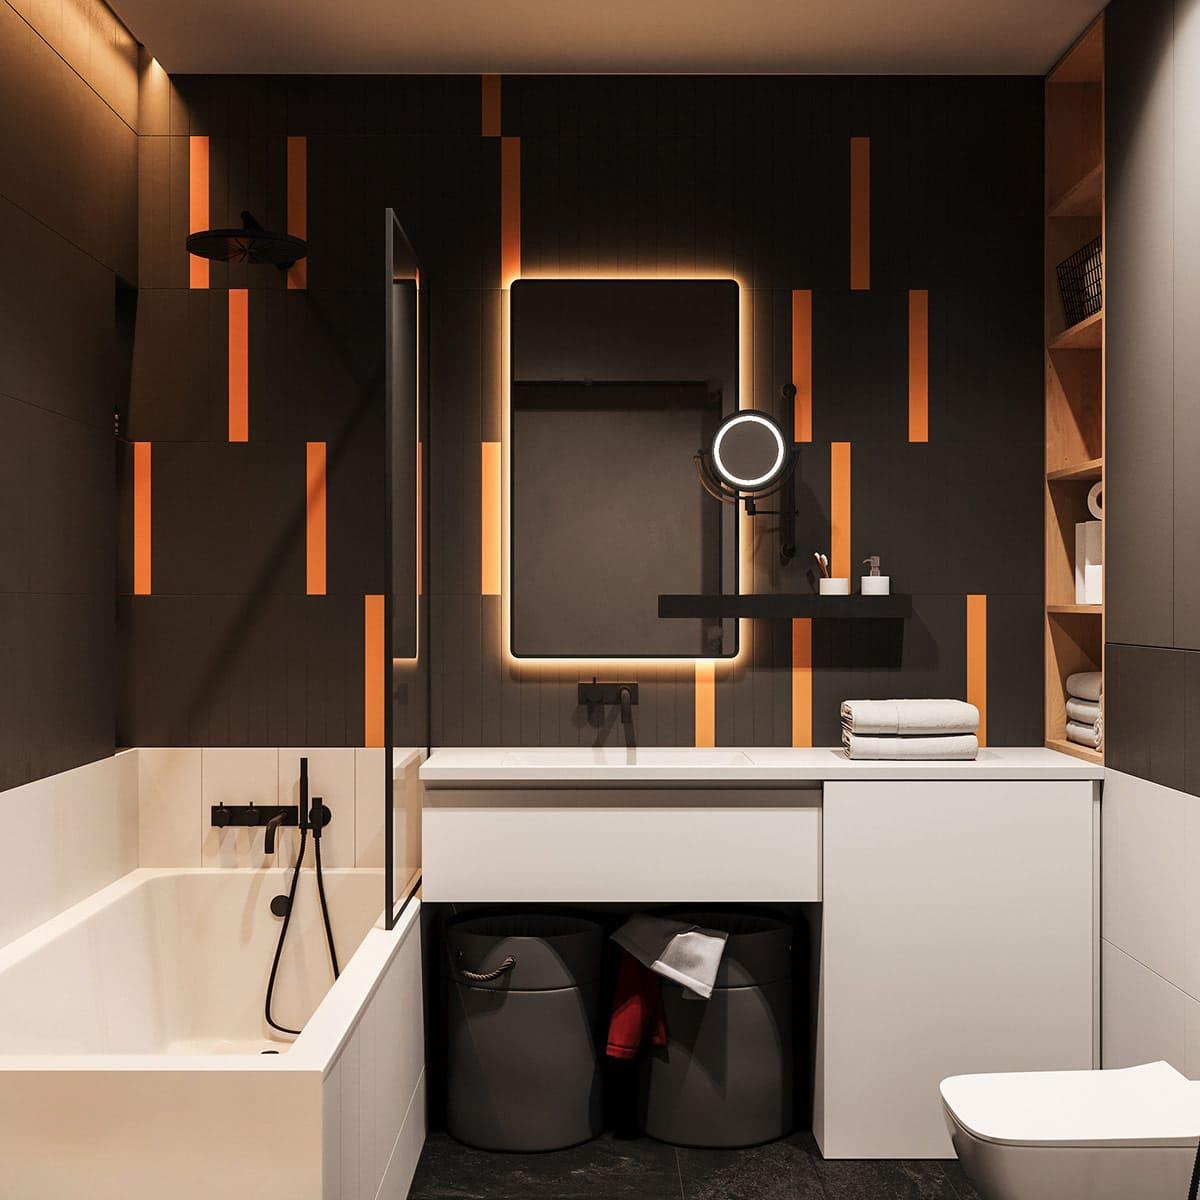 дизайн интерьера ванной комнаты фото 42